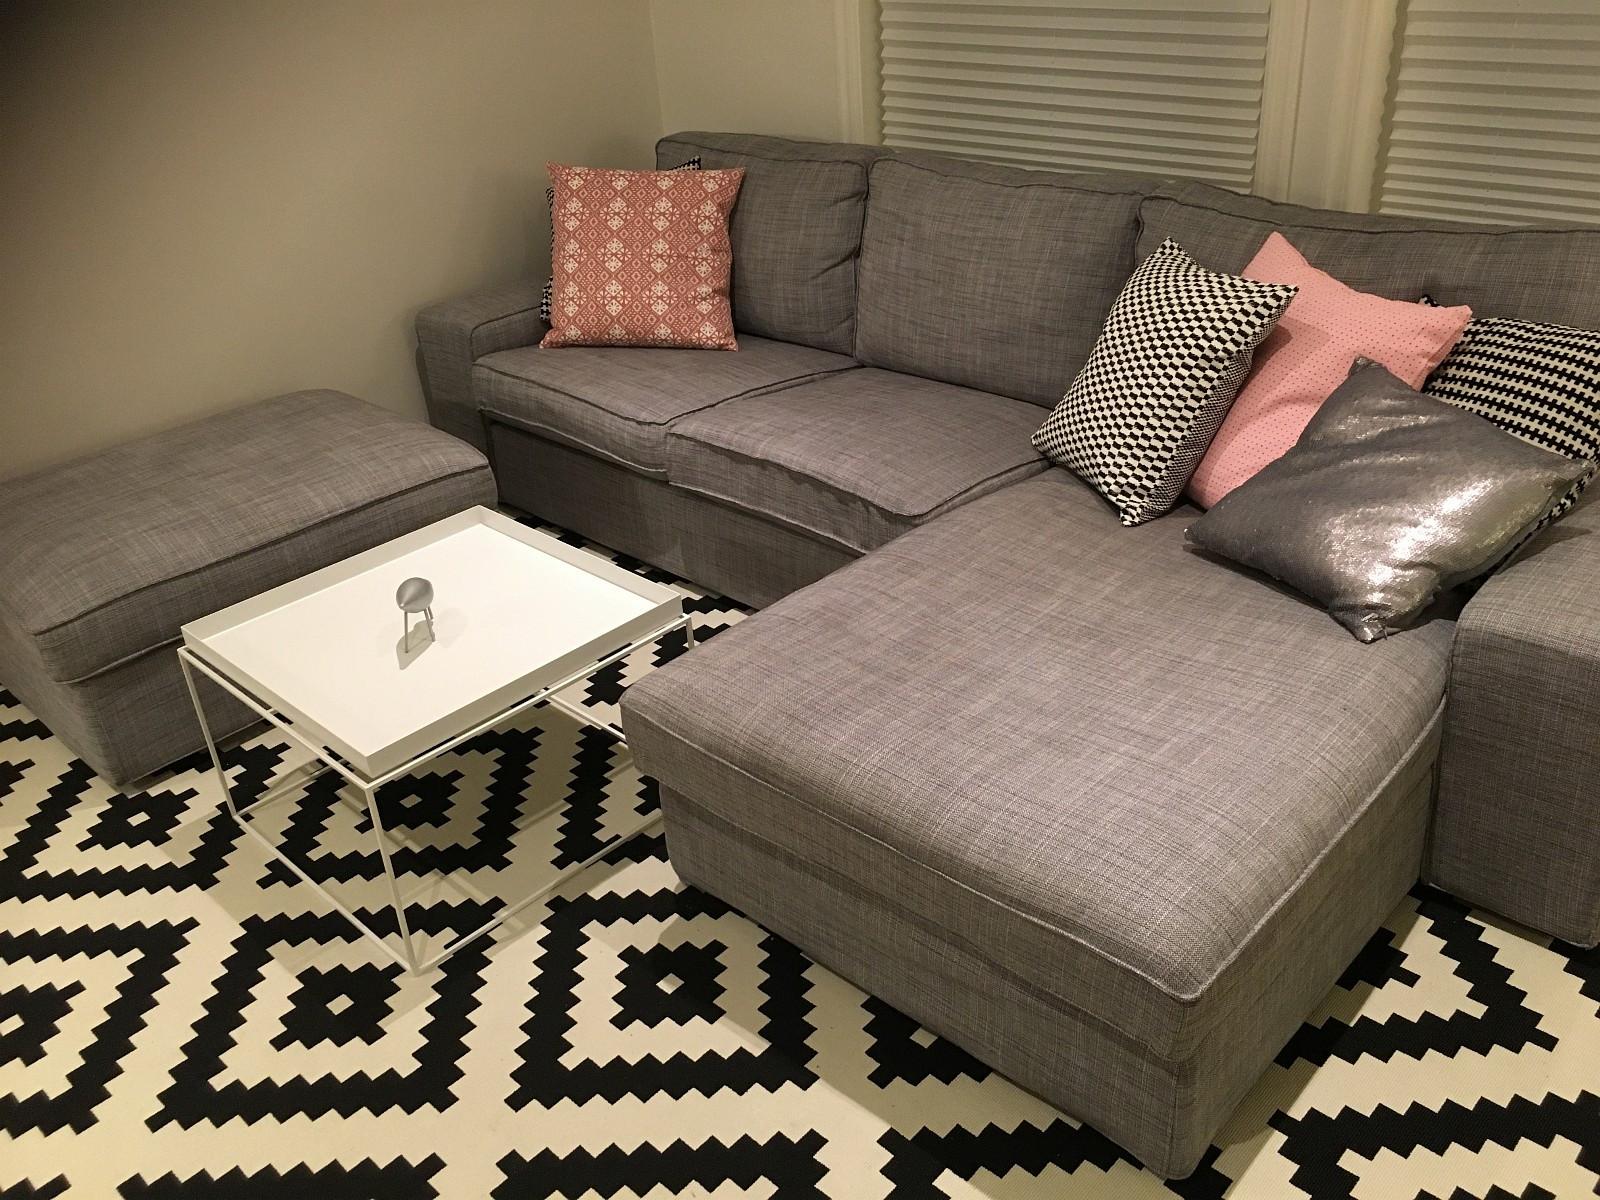 Ikea Kivik 3 Seter m/ puff (2016) - Kløfta  - Selger nesten ny kivik sofa. Kjøpt oktober 2016. Ingen slitasje eller bruksmerker.  Trekket er enkelt å holde rent, det kan tas av og vaskes i maskin.  3 seter med sjeselong. Puff m/oppbevar - Kløfta